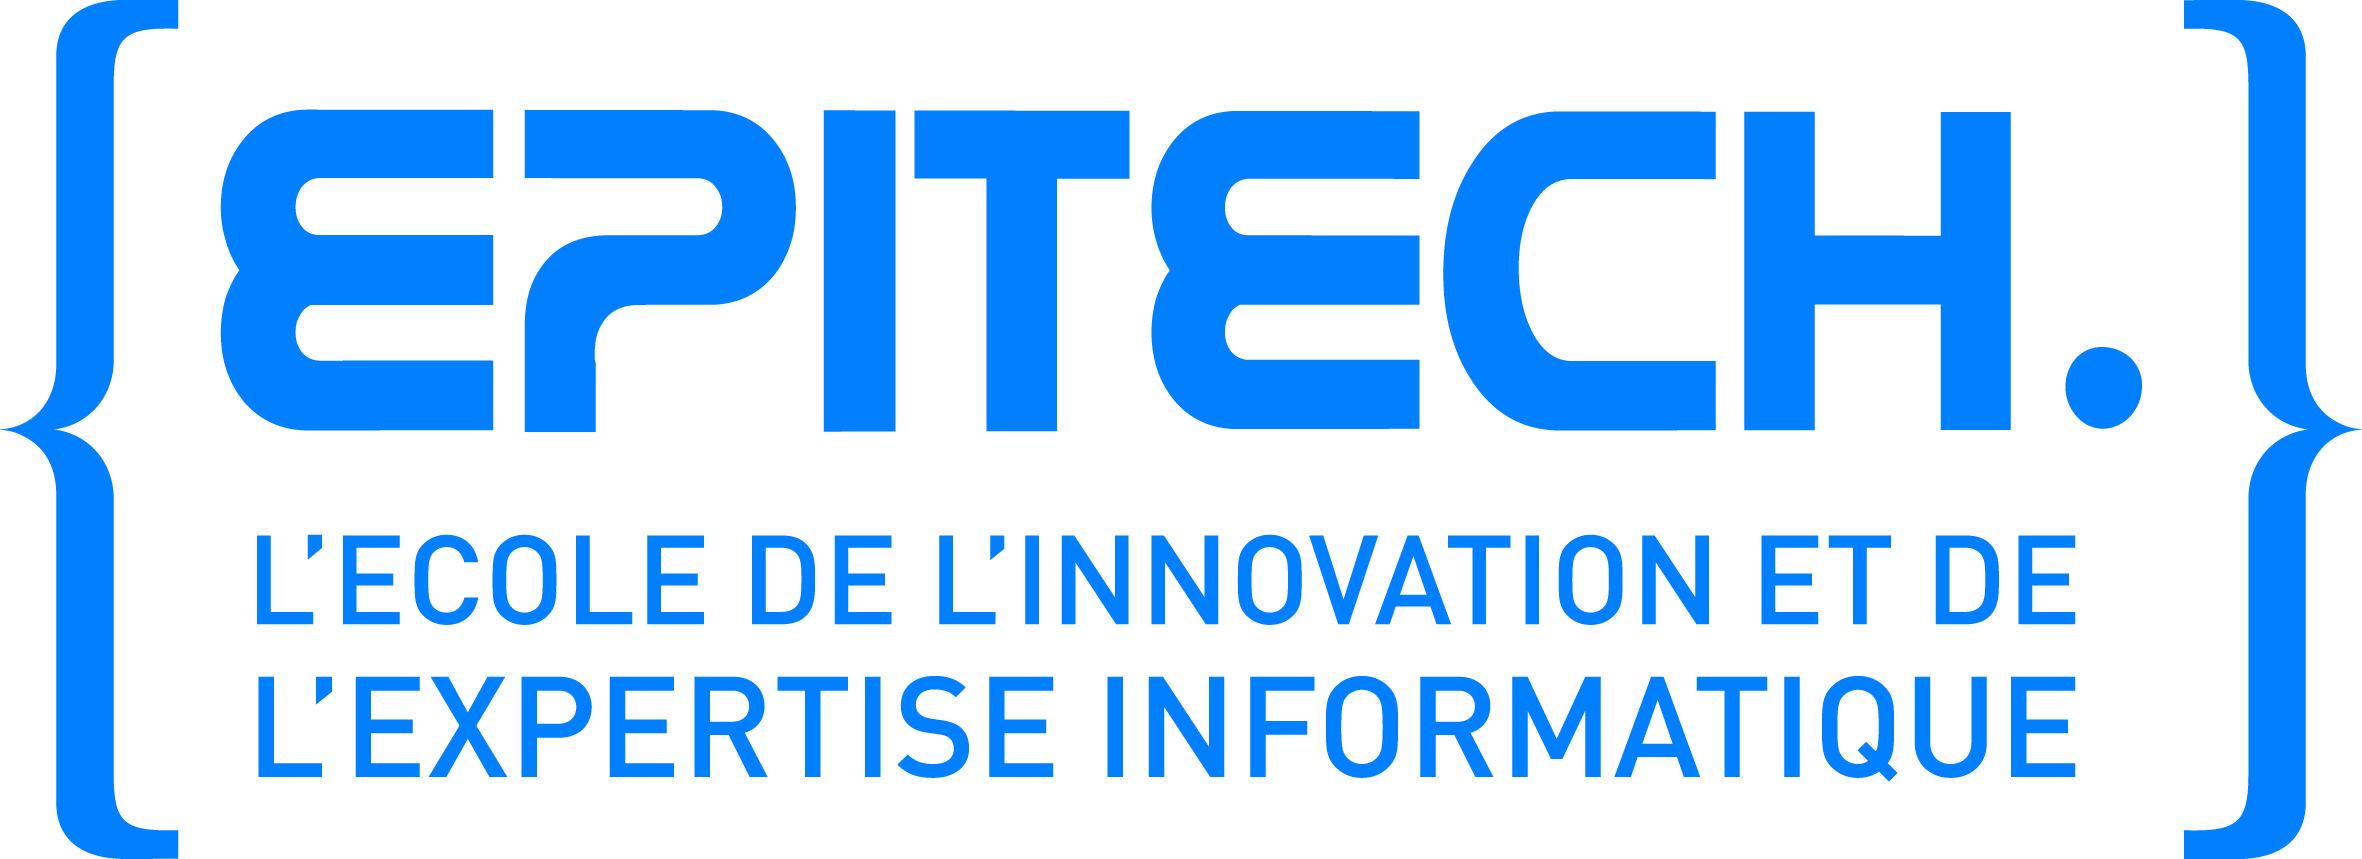 Epitech, école de l'innovation et de l'expertise informatique